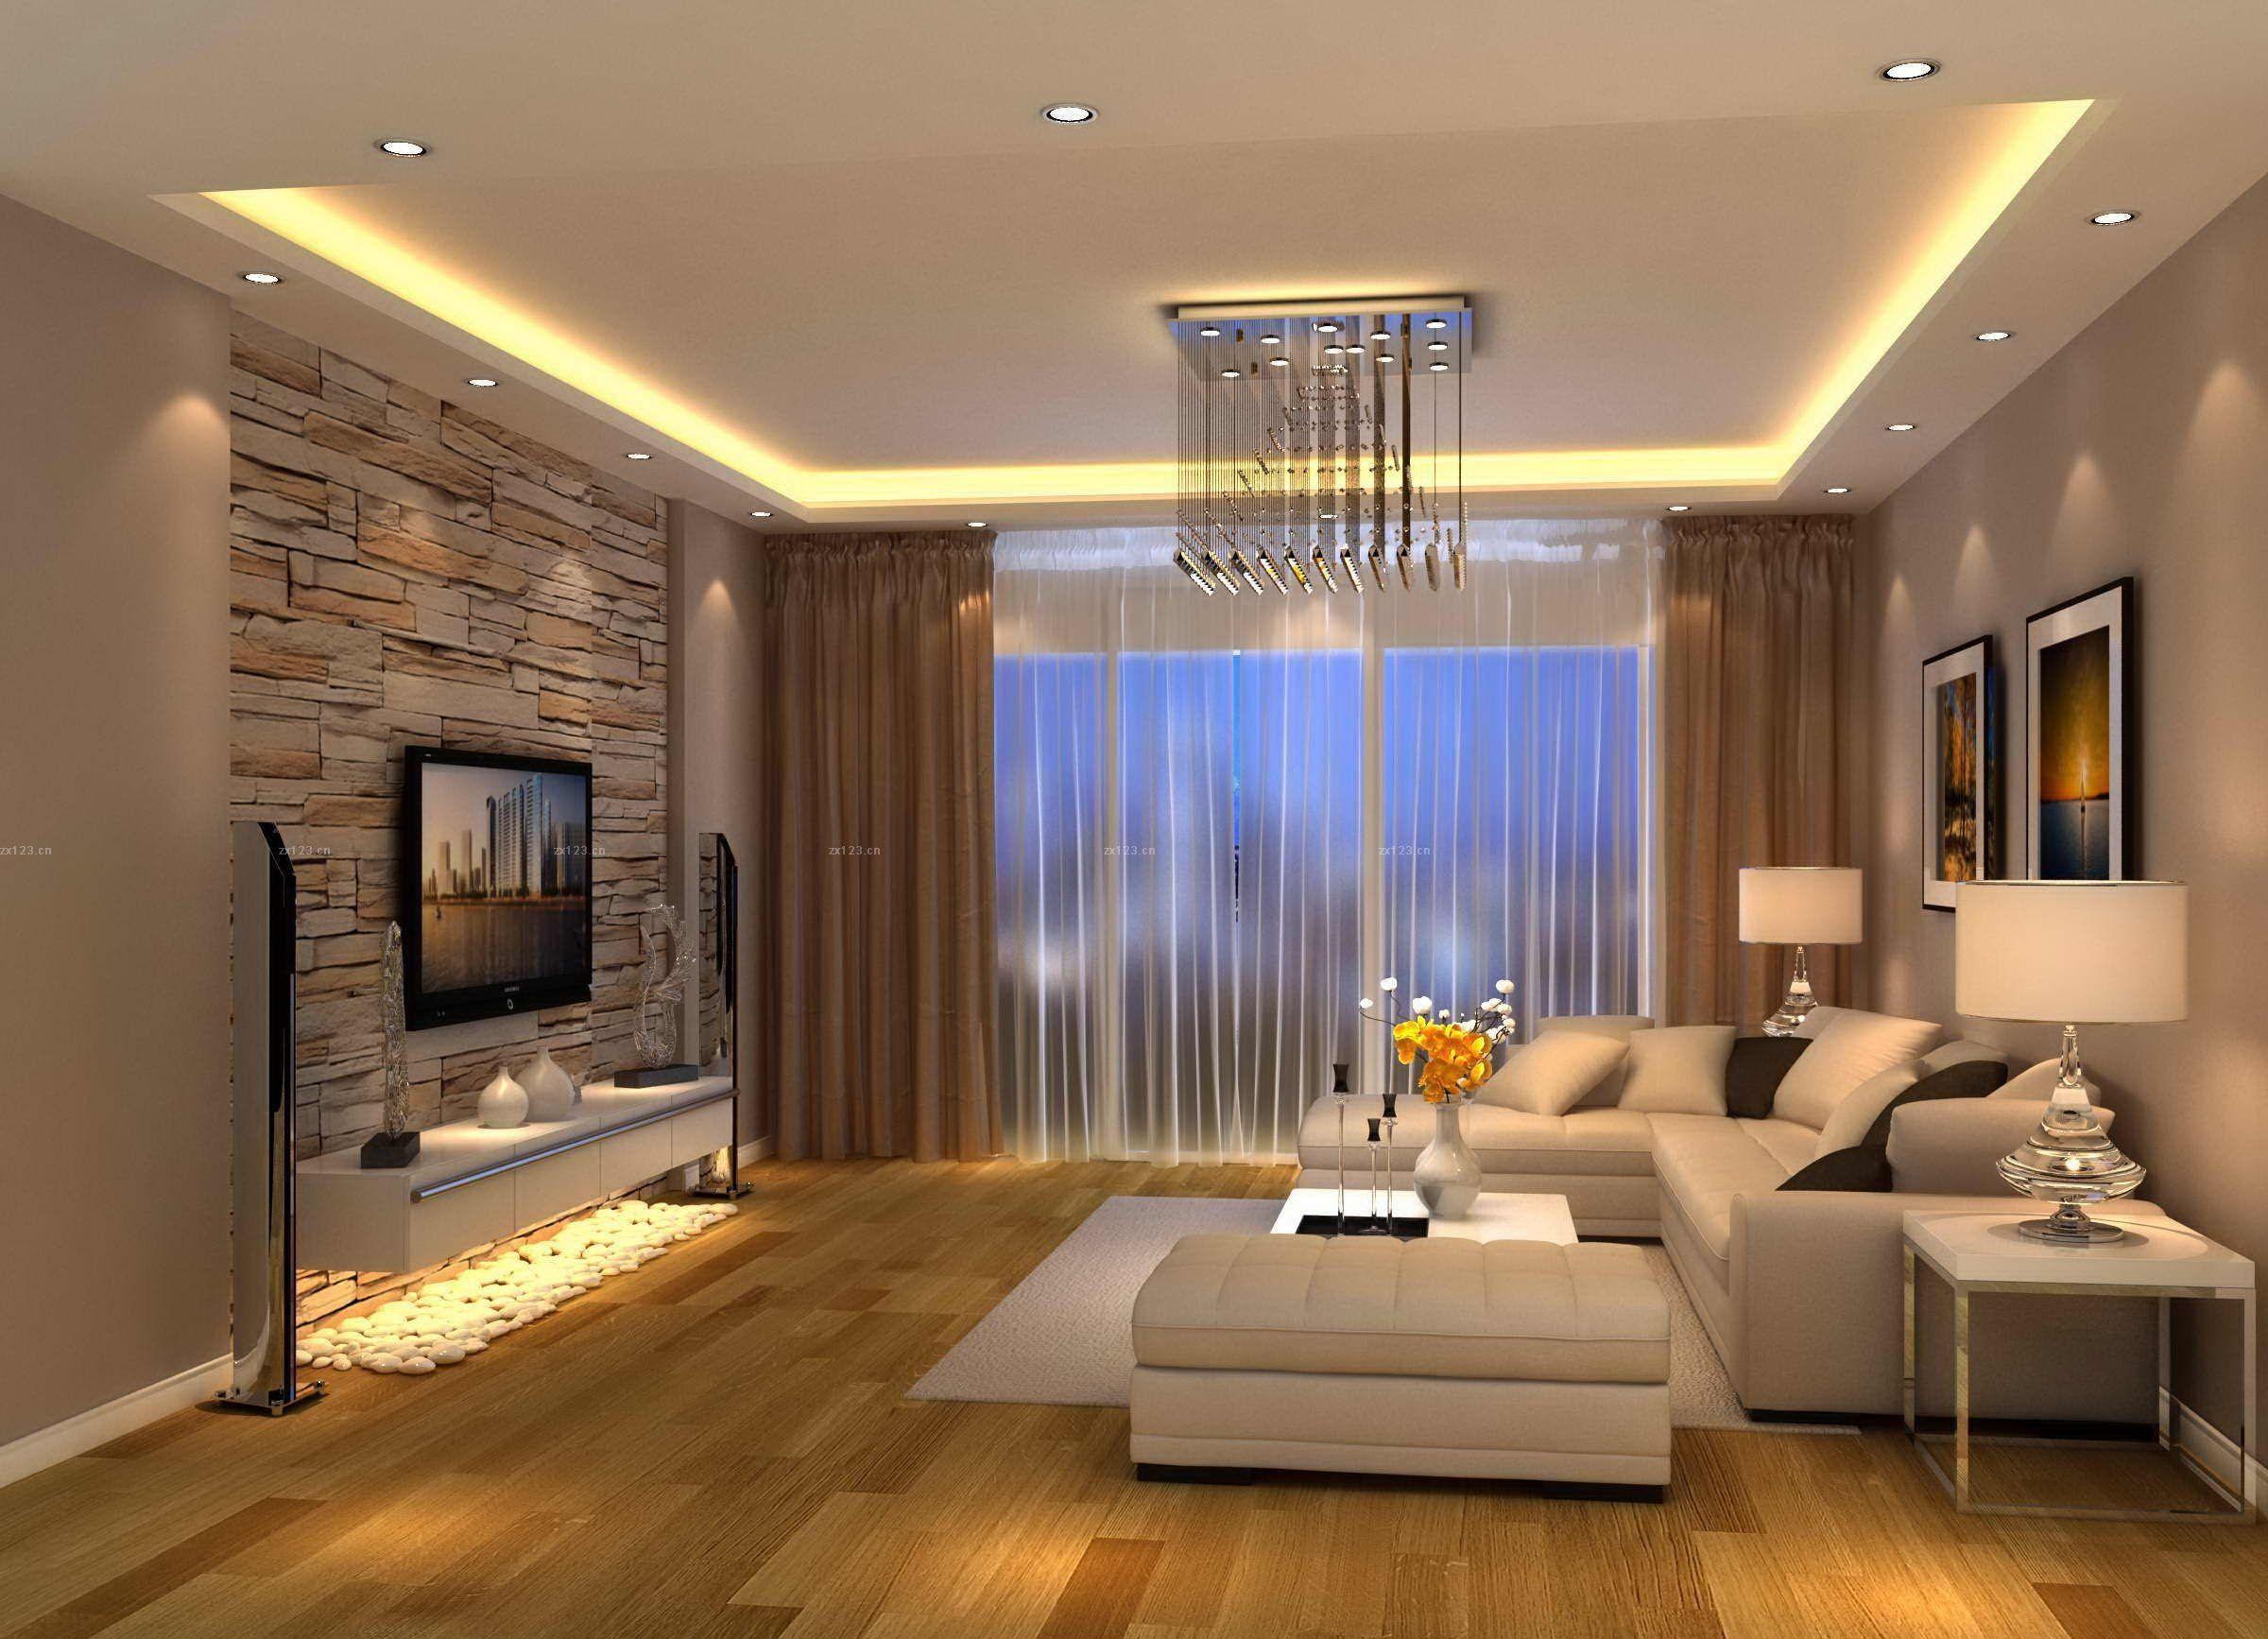 Medium Crop Of Interior Design Images Living Room